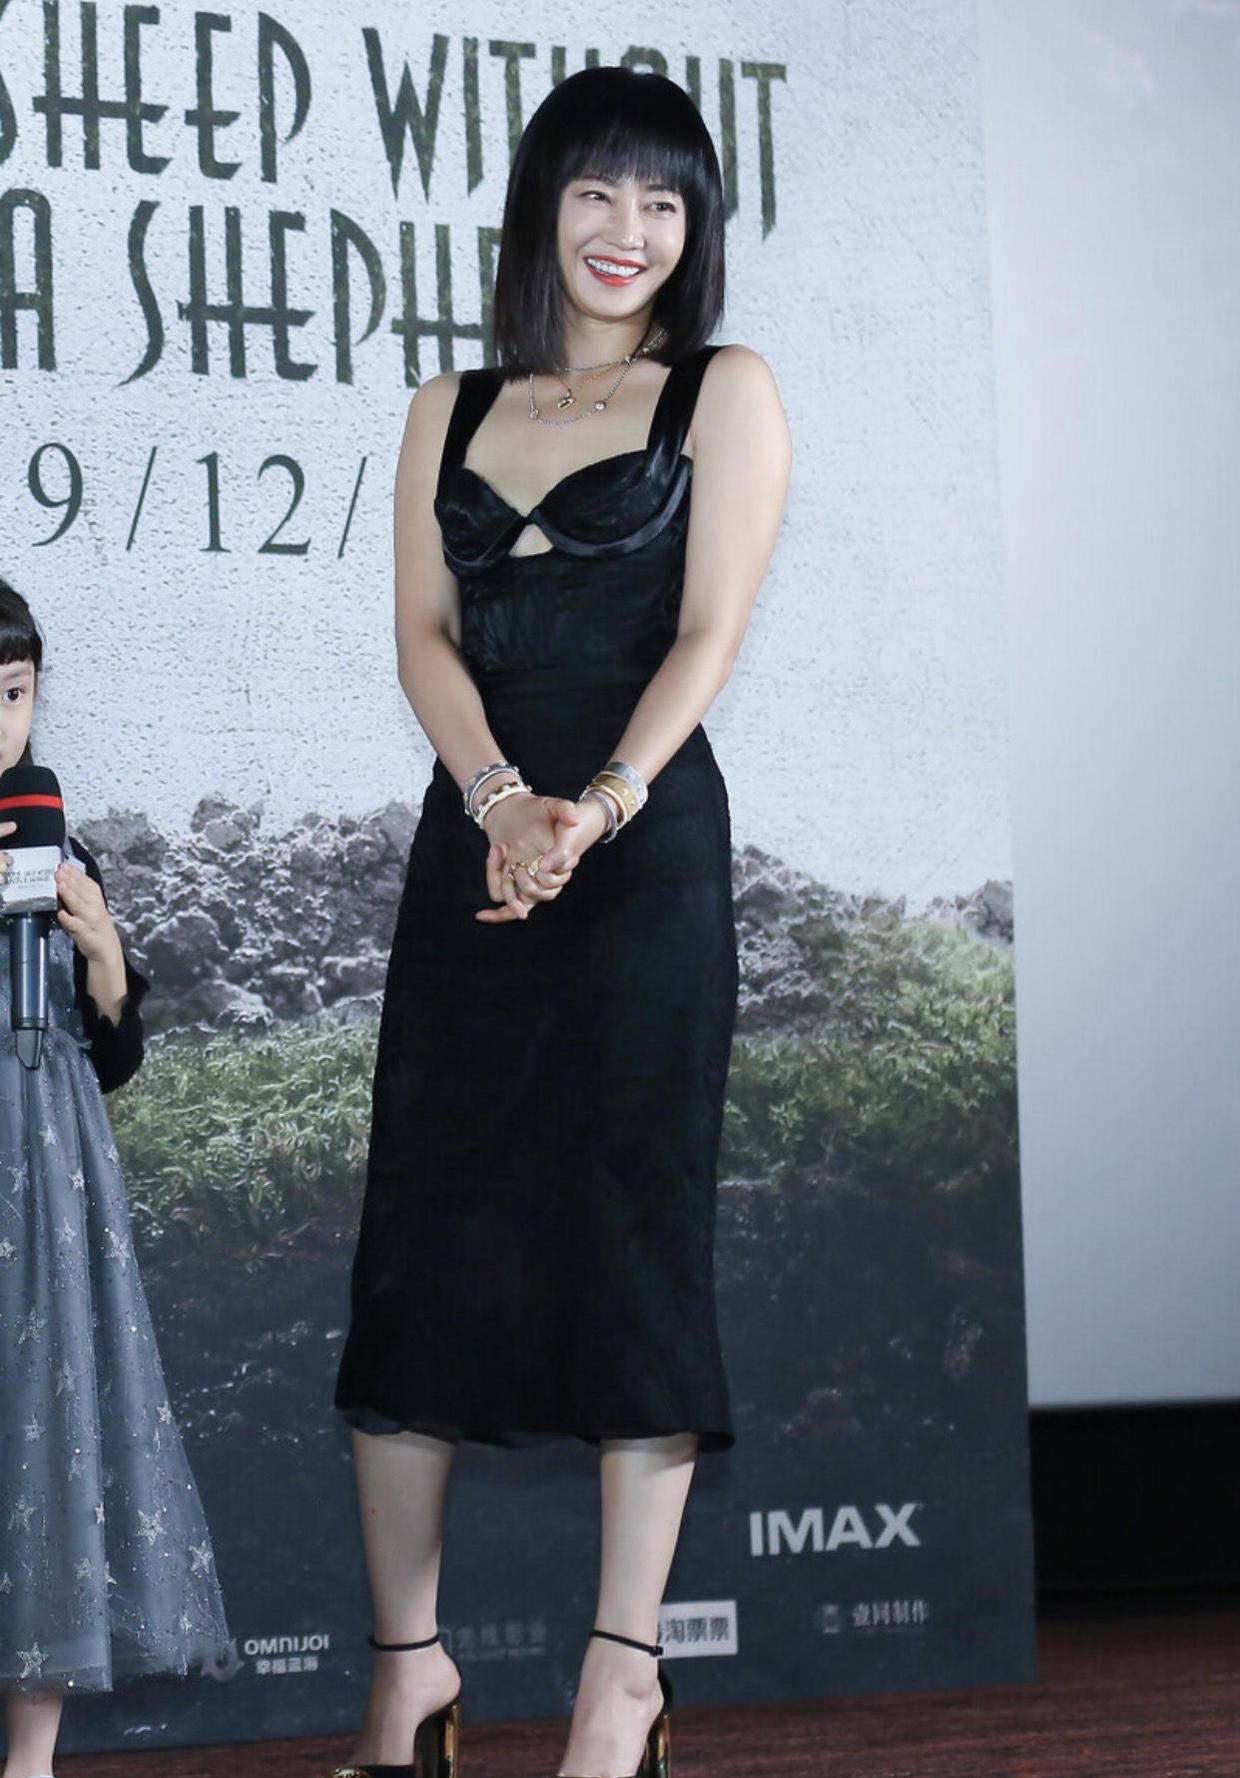 """7岁的谭卓太有魅力了!也是""""小号尤物"""",穿黑色吊带连衣裙好美"""""""